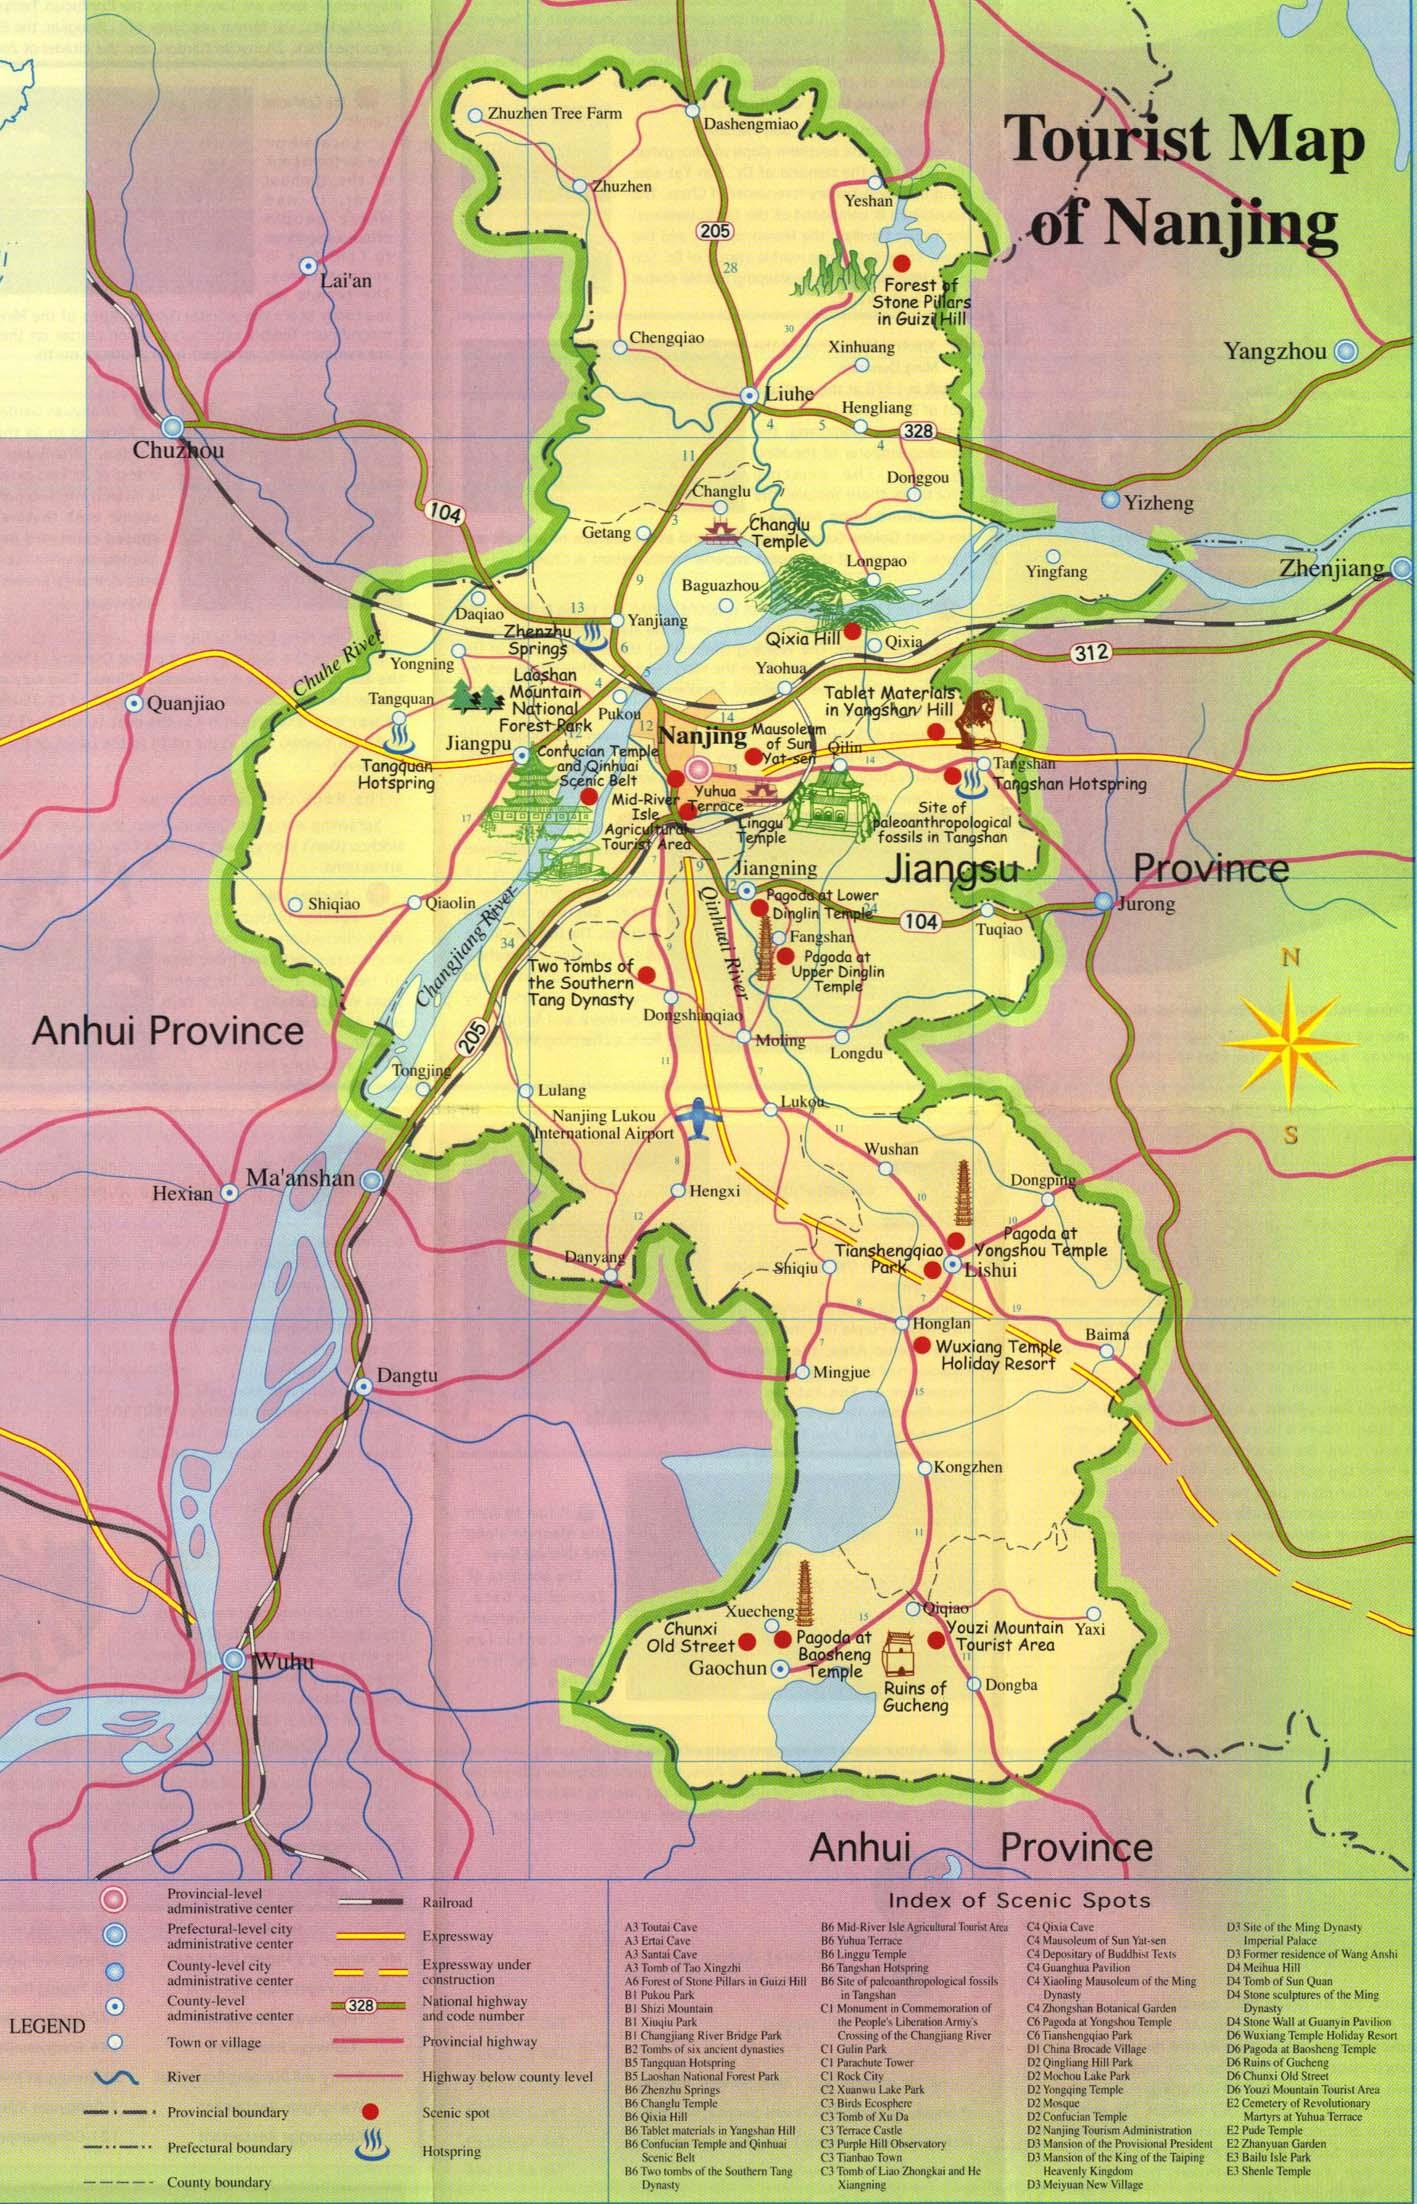 Nanjing Tourist Map Nanjing mappery